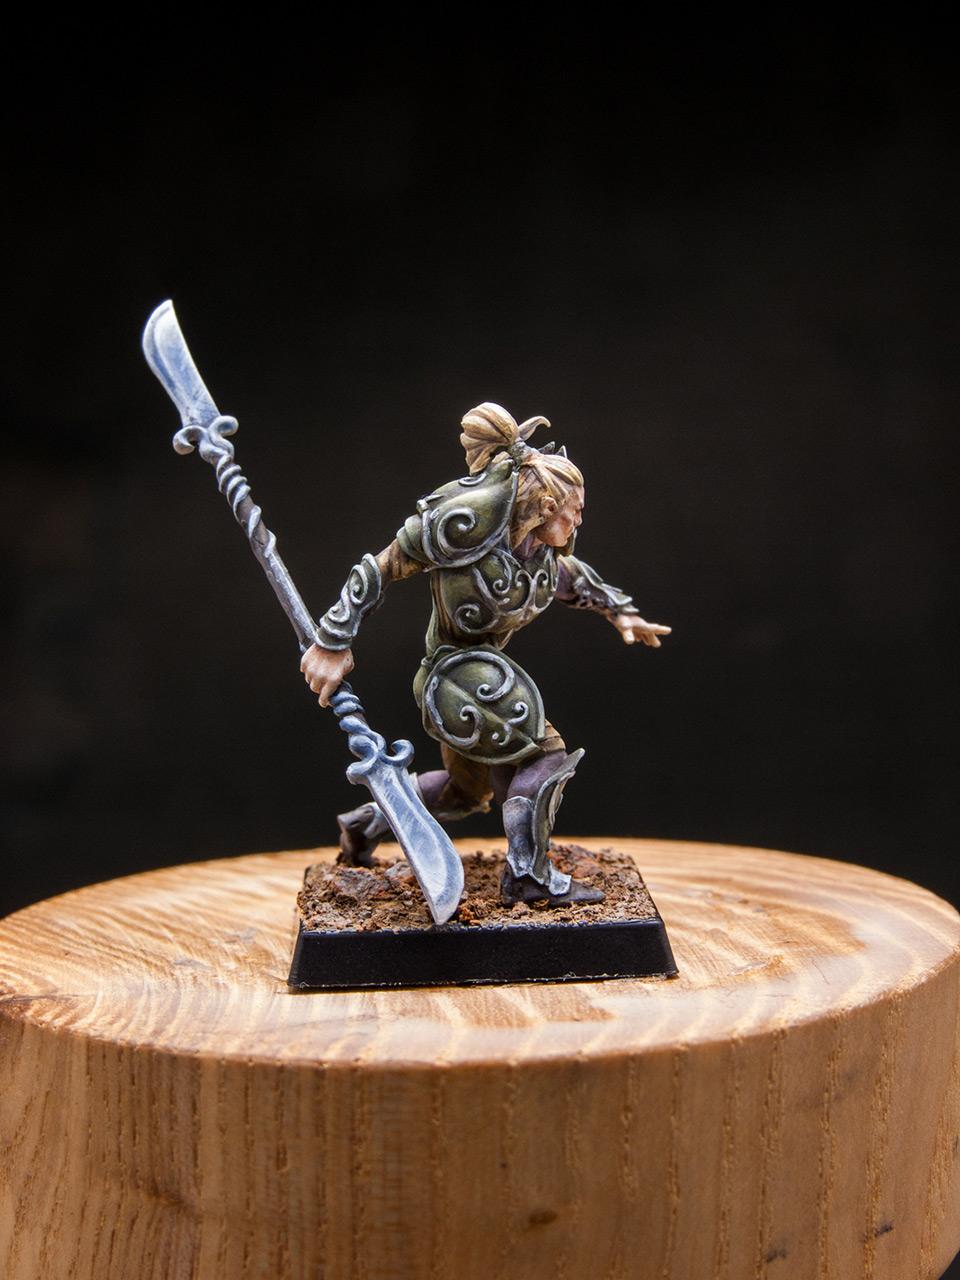 Разное: Эльфы Серебряной гвардии, фото #7